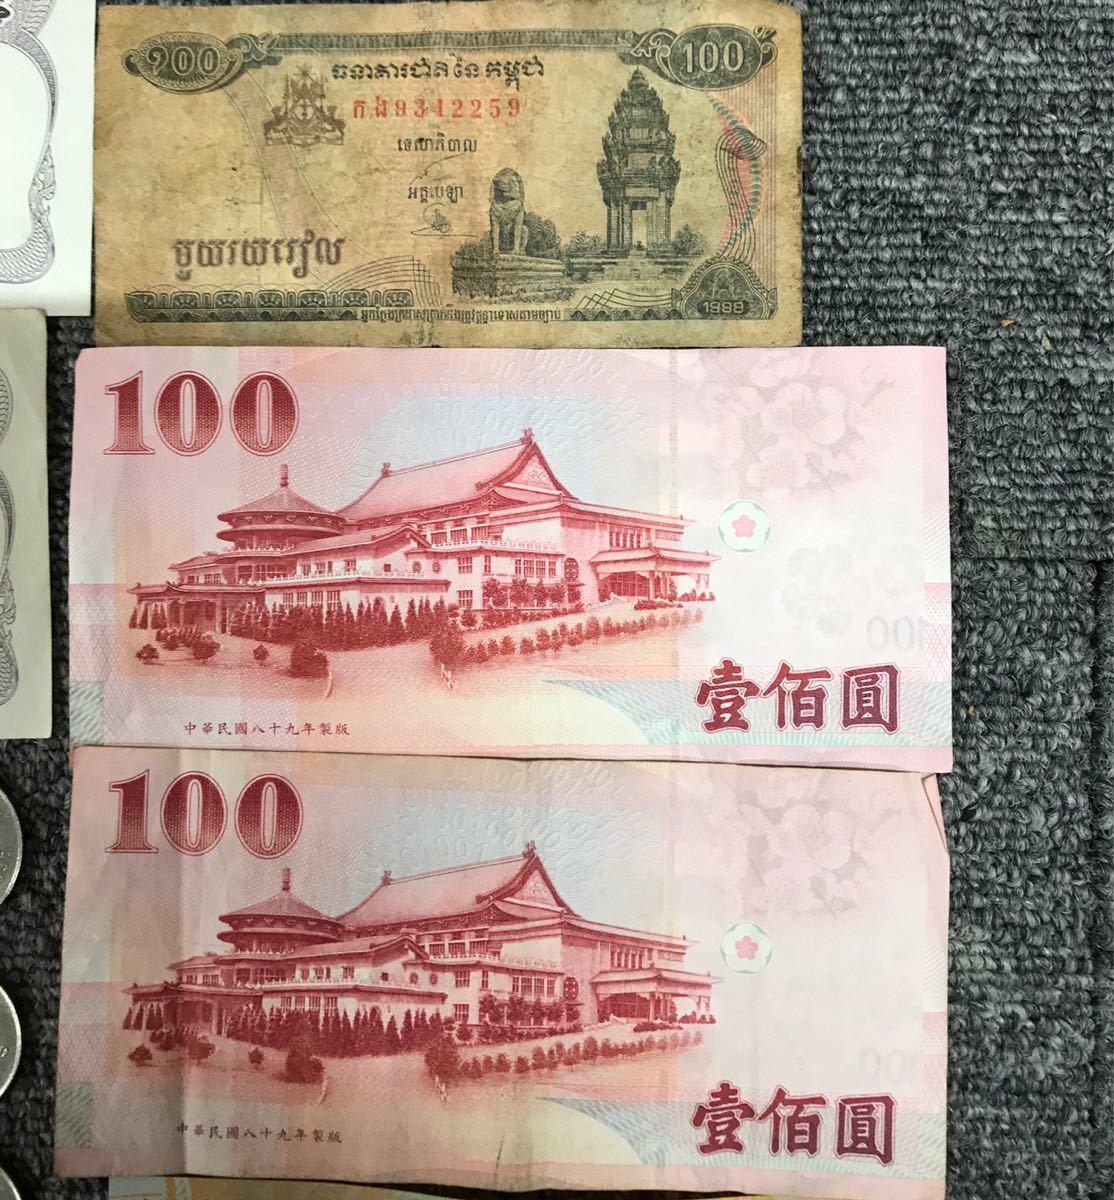 1円 ~ 外国の硬貨 紙幣 まとめて 中国 ニュージーランド アメリカ 他 紙幣7枚 硬貨81枚 宅急便コンパクト発送予定_画像3